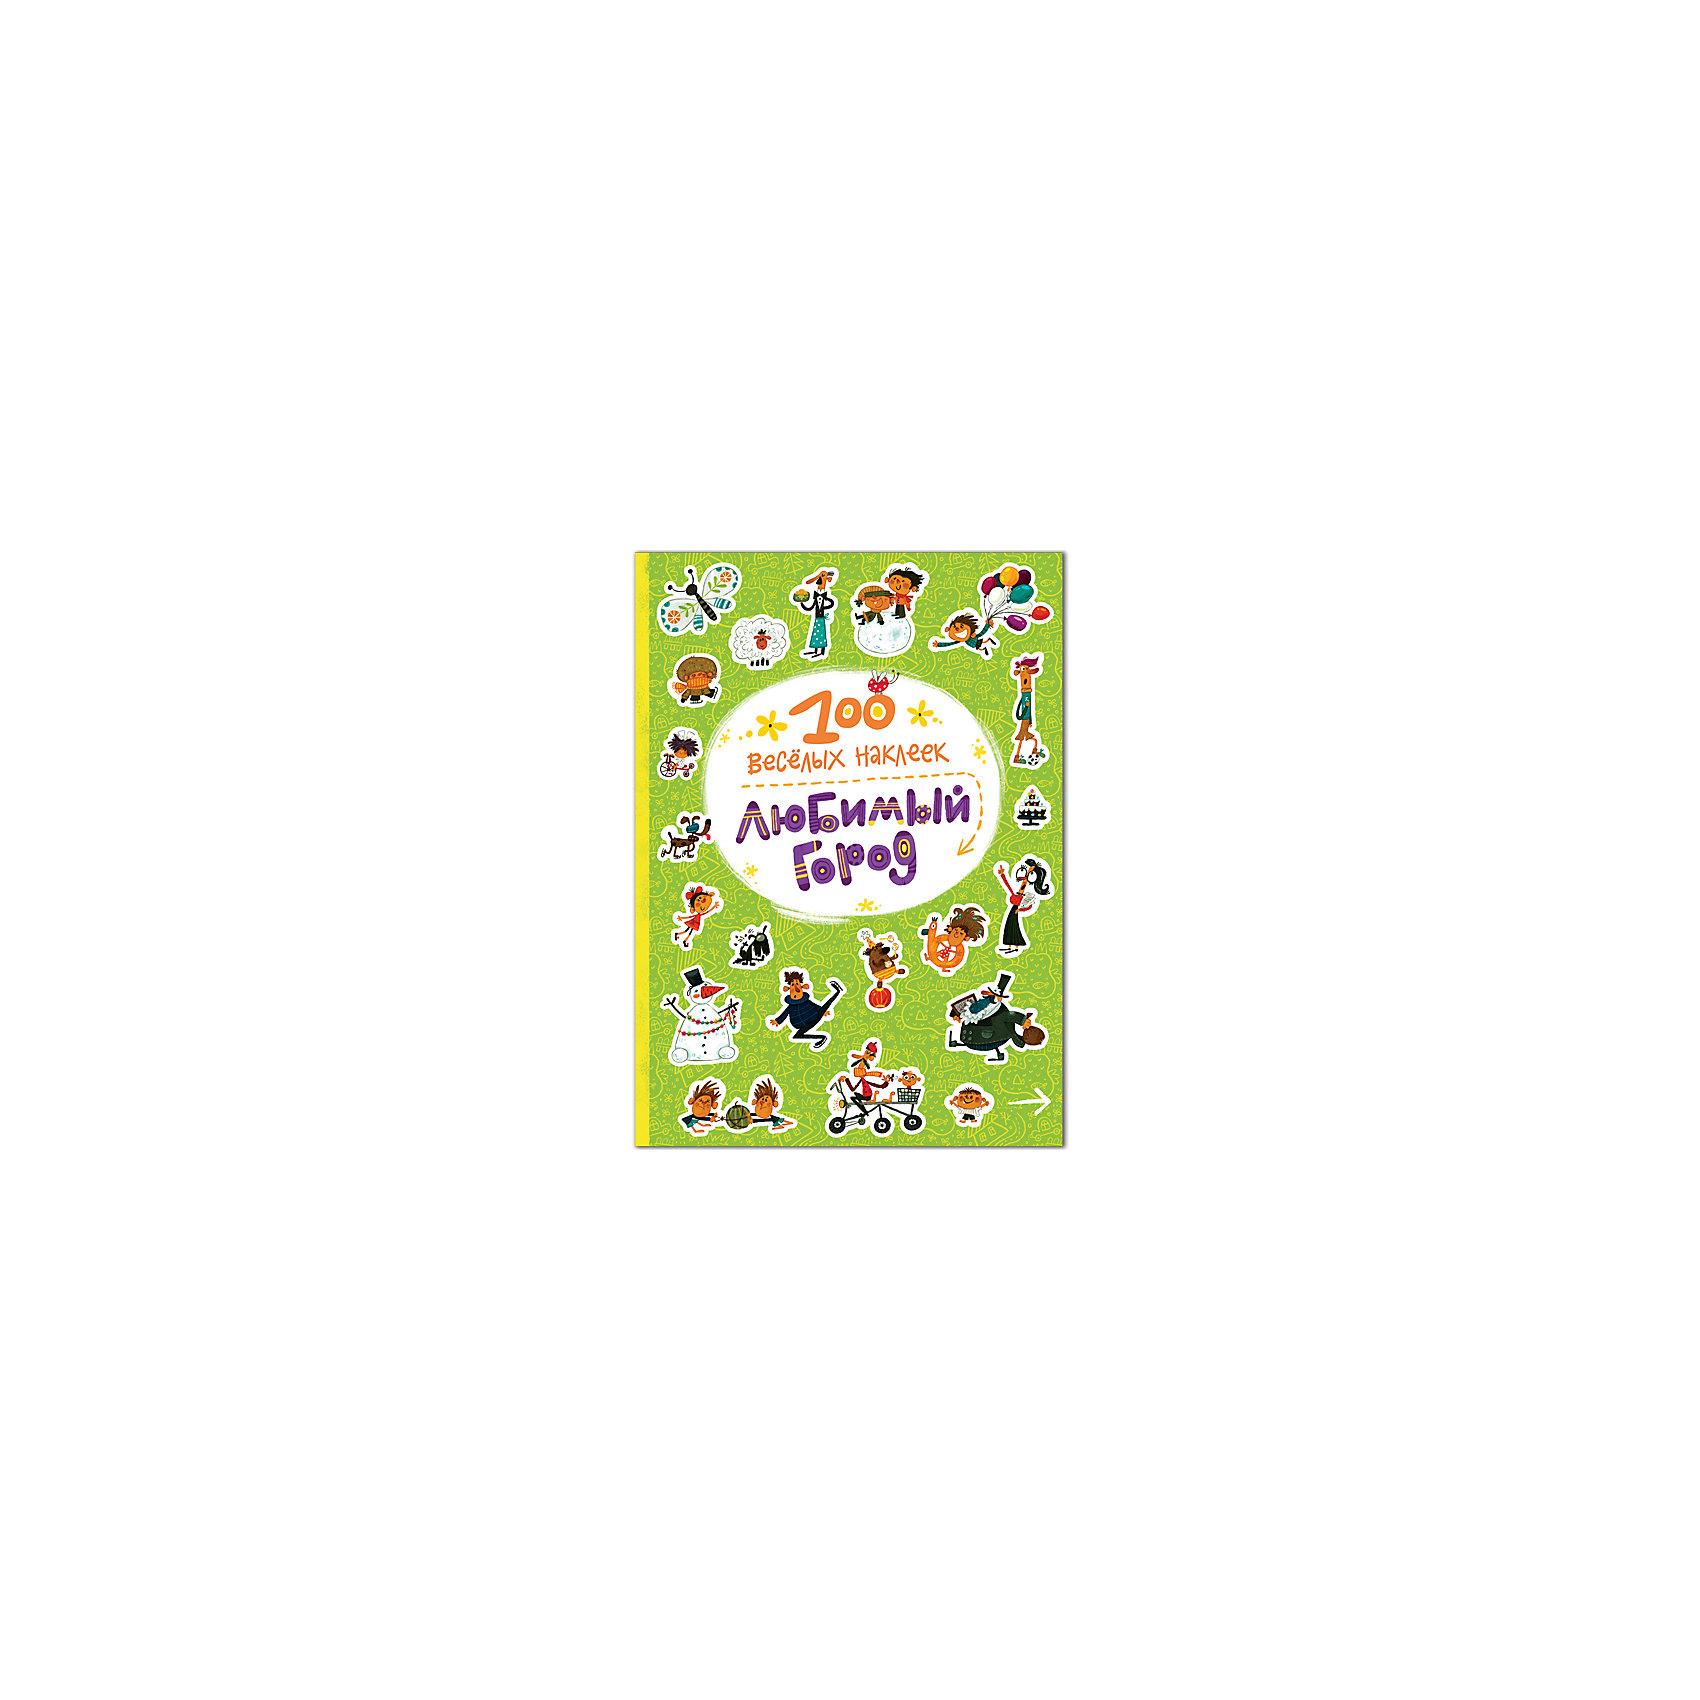 Книга «Любимый город» из серии «100 веселых наклеек», Мозаика-СинтезТворчество для малышей<br>Книга «Любимый город» из серии «100 веселых наклеек», Мозаика-Синтез<br><br>Характеристики:<br><br>• Издательство: МОЗАИКА-СИНТЕЗ<br>• ISBN : 978-5-43150-965-0<br>• Тип: книга с многоразовыми наклейками.<br>• Раздел знаний: ознакомление с окружающим миром.<br>• Возраст: 5-7лет.<br>• Размер книги: 325х235 мм.<br>• Количество страниц: 16.<br><br>Замечательная красочная книга «Любимый город» из серии «100 веселых наклеек» познакомит Вашего ребенка с большим оживленным городом.<br>На страницах книги, изображающих городскую площадь, стадион, каток, музей, детскую площадку, парк и др., нужно расположить 100 веселых многоразовых наклеек – посетителей музея и картины, обитателей зоопарка, играющих в парке малышей, спортсменов и др. <br><br>Забавные стихи расскажут маленькому читателю о любимом городе, а яркие многоразовые наклейки превратят процесс обучения в веселую игру. Занятия с наклейками способствуют расширению кругозора, развитию мелкой моторики, координации движений, фантазии и воображения.<br><br>Книгу «Любимый город» из серии «100 веселых наклеек», Мозаика-Синтез, можно купить в нашем интернет – магазине<br><br>Ширина мм: 2<br>Глубина мм: 235<br>Высота мм: 325<br>Вес г: 174<br>Возраст от месяцев: 60<br>Возраст до месяцев: 84<br>Пол: Унисекс<br>Возраст: Детский<br>SKU: 5428892